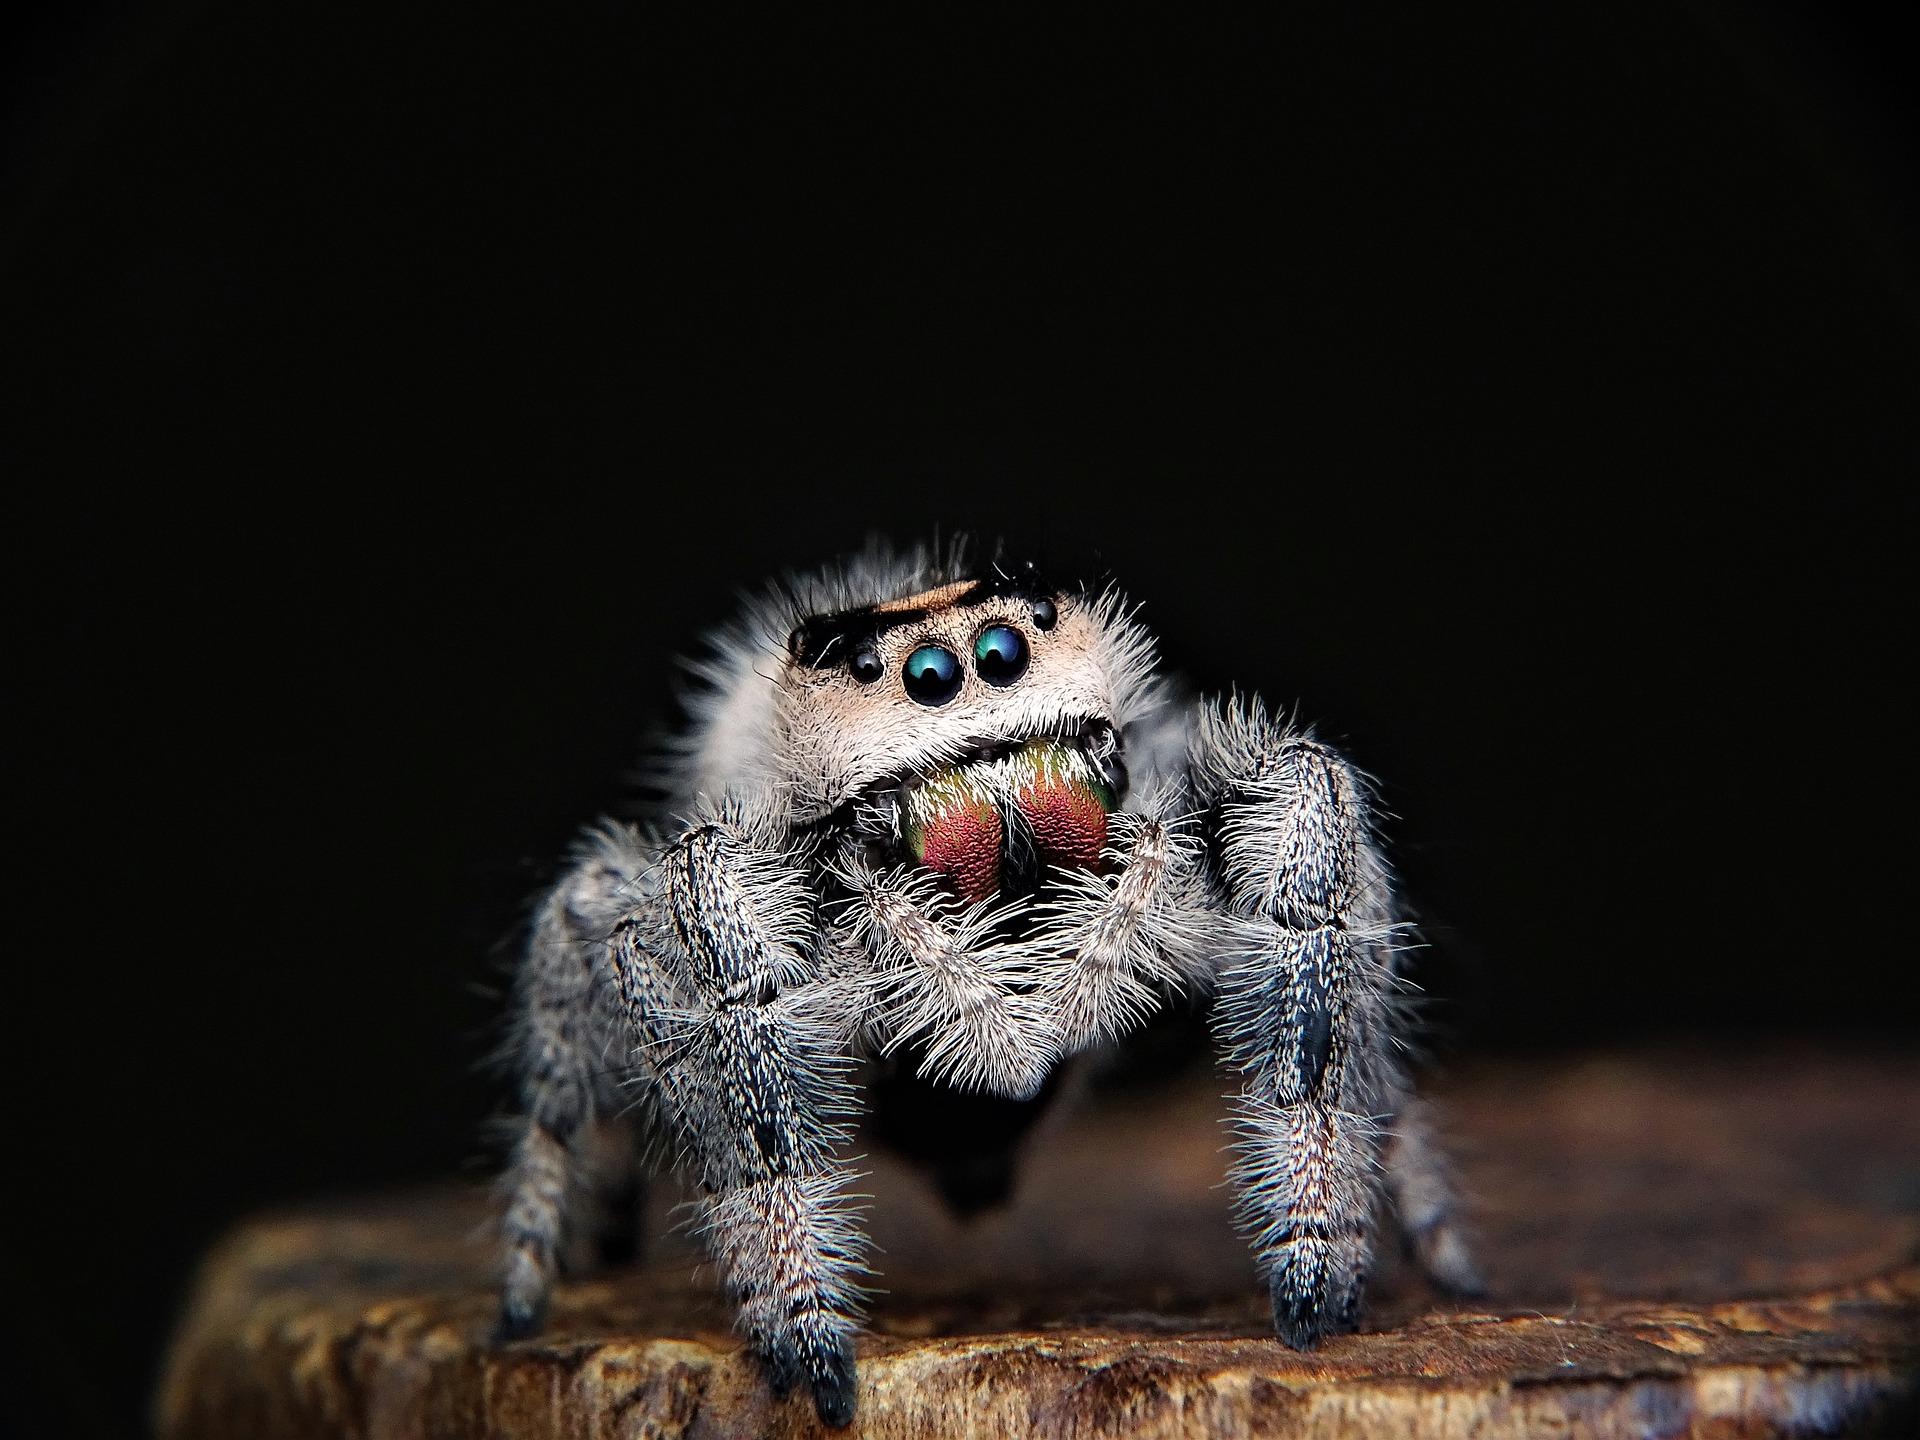 spider-3022078_1920